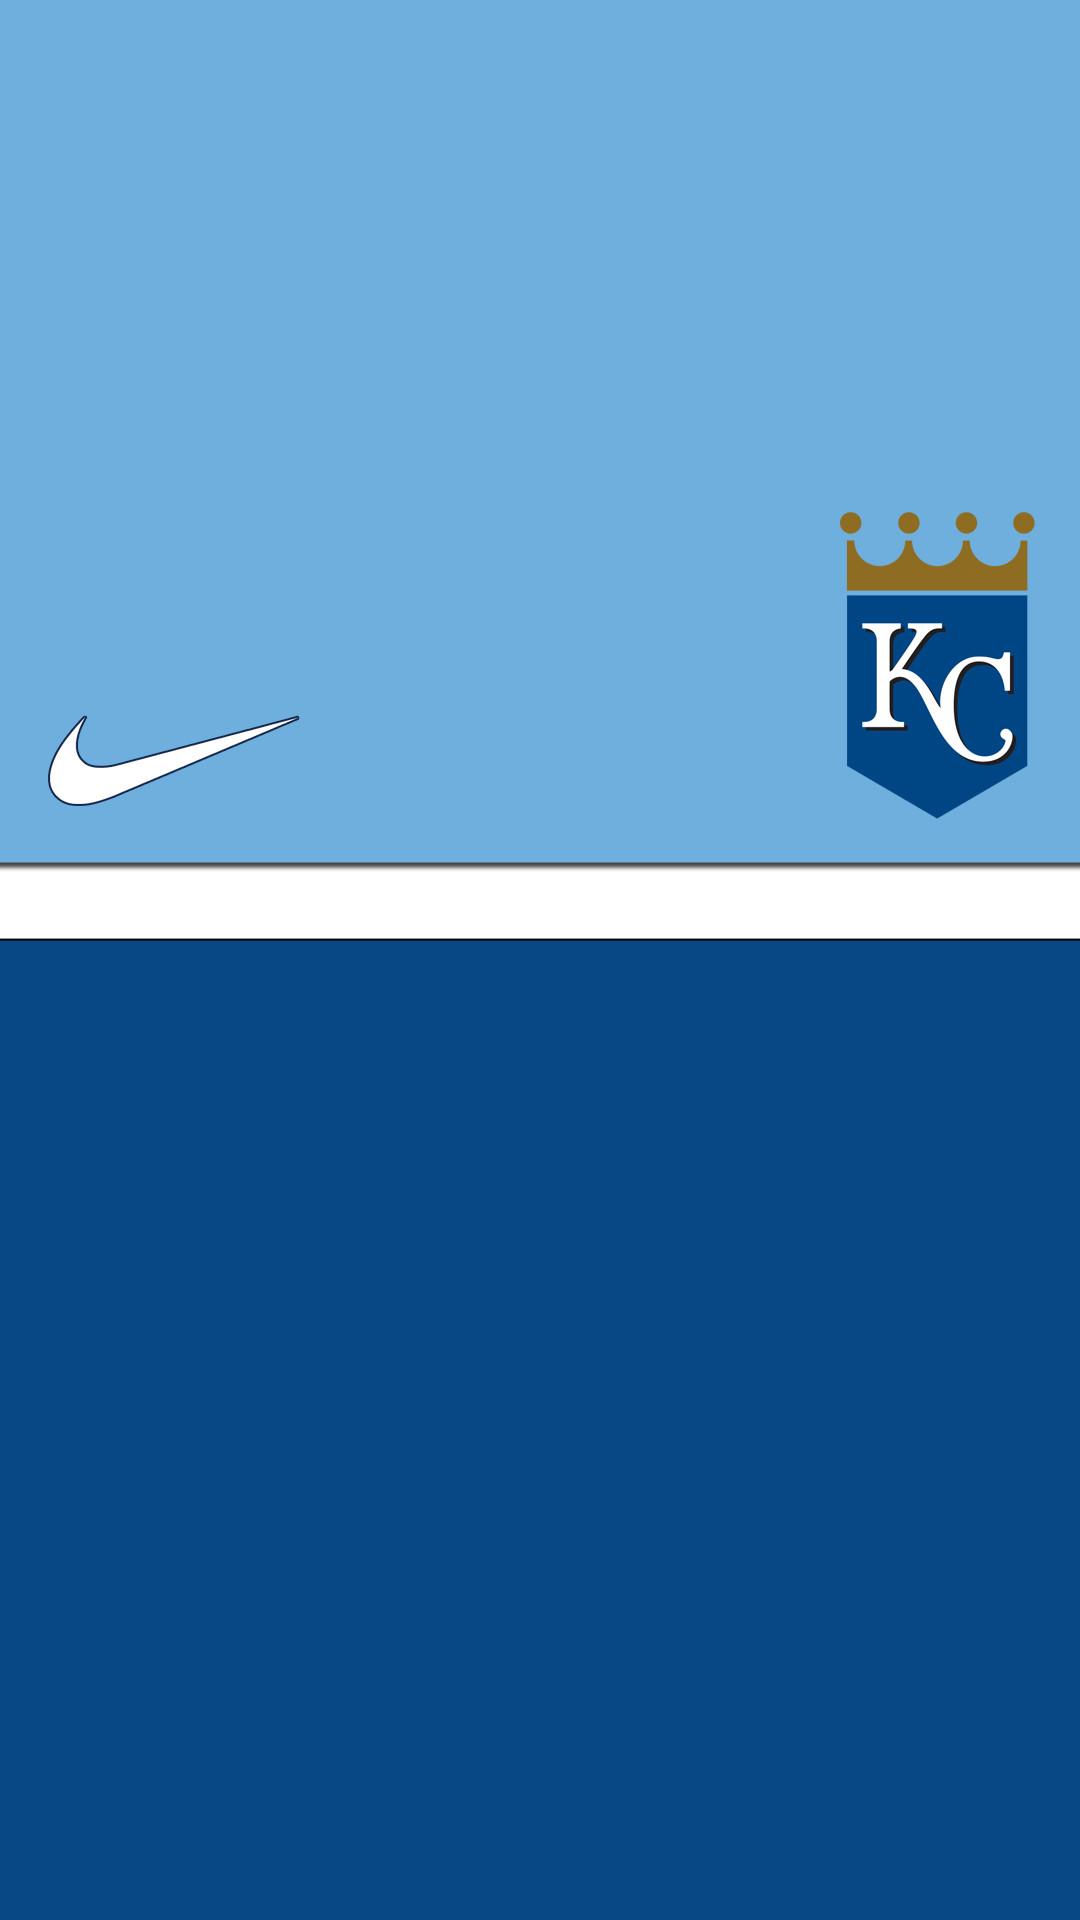 Kansas City Royals Nike IPhone wallpaper HD. Free desktop .